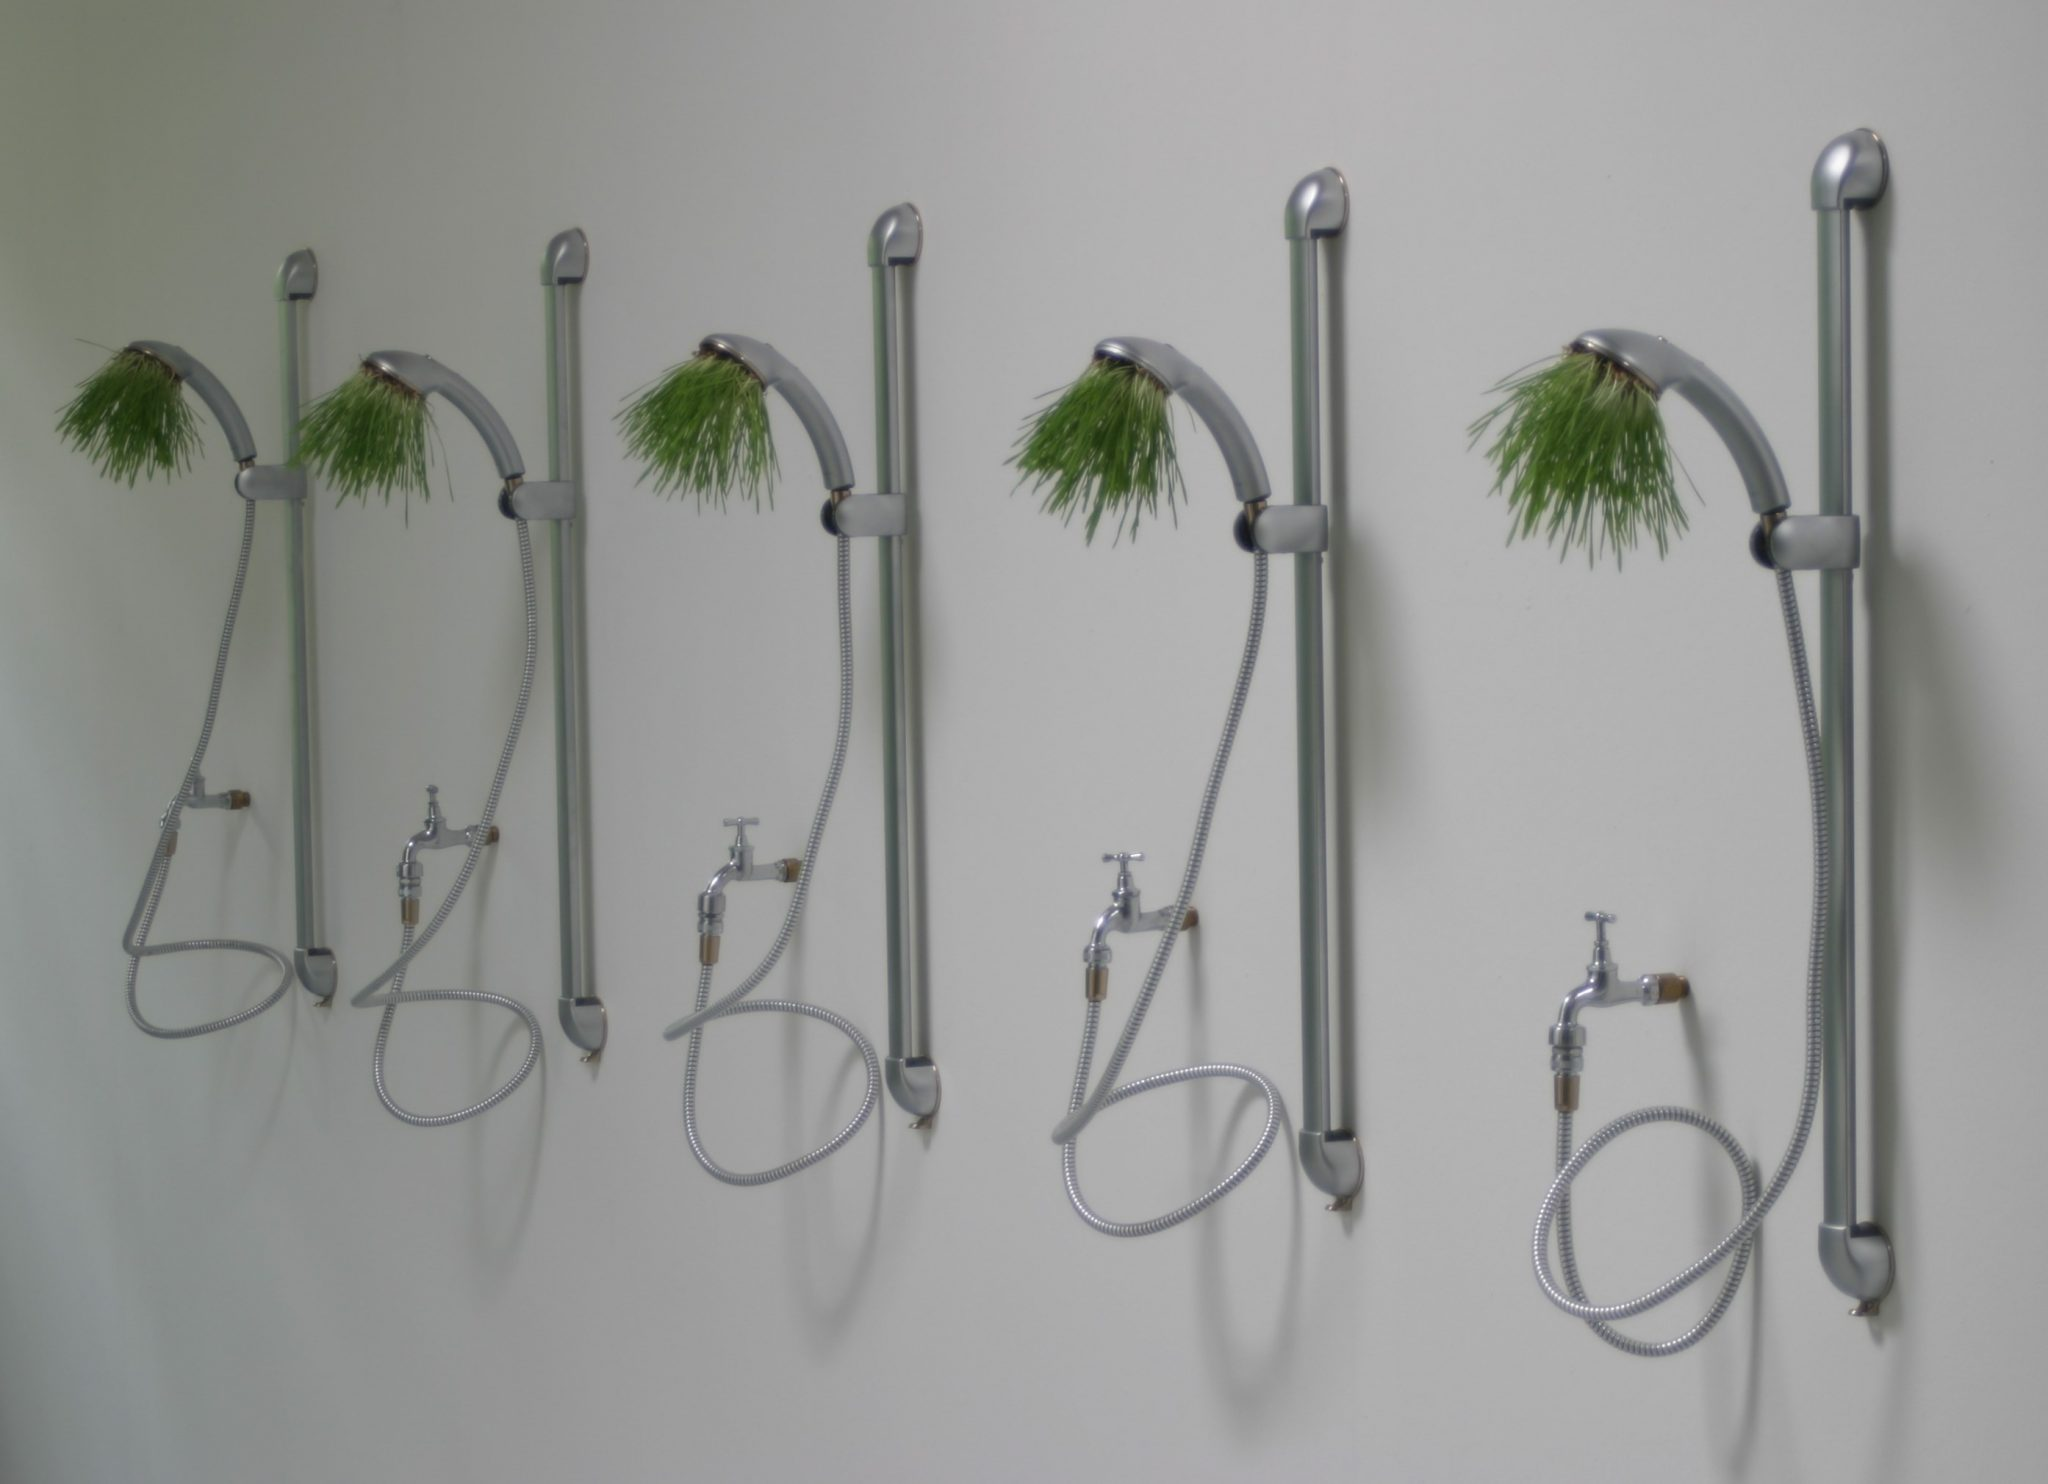 Springshower - Installation mit Duschköpfen und Weizengras im Ludwigmuseum Aachen